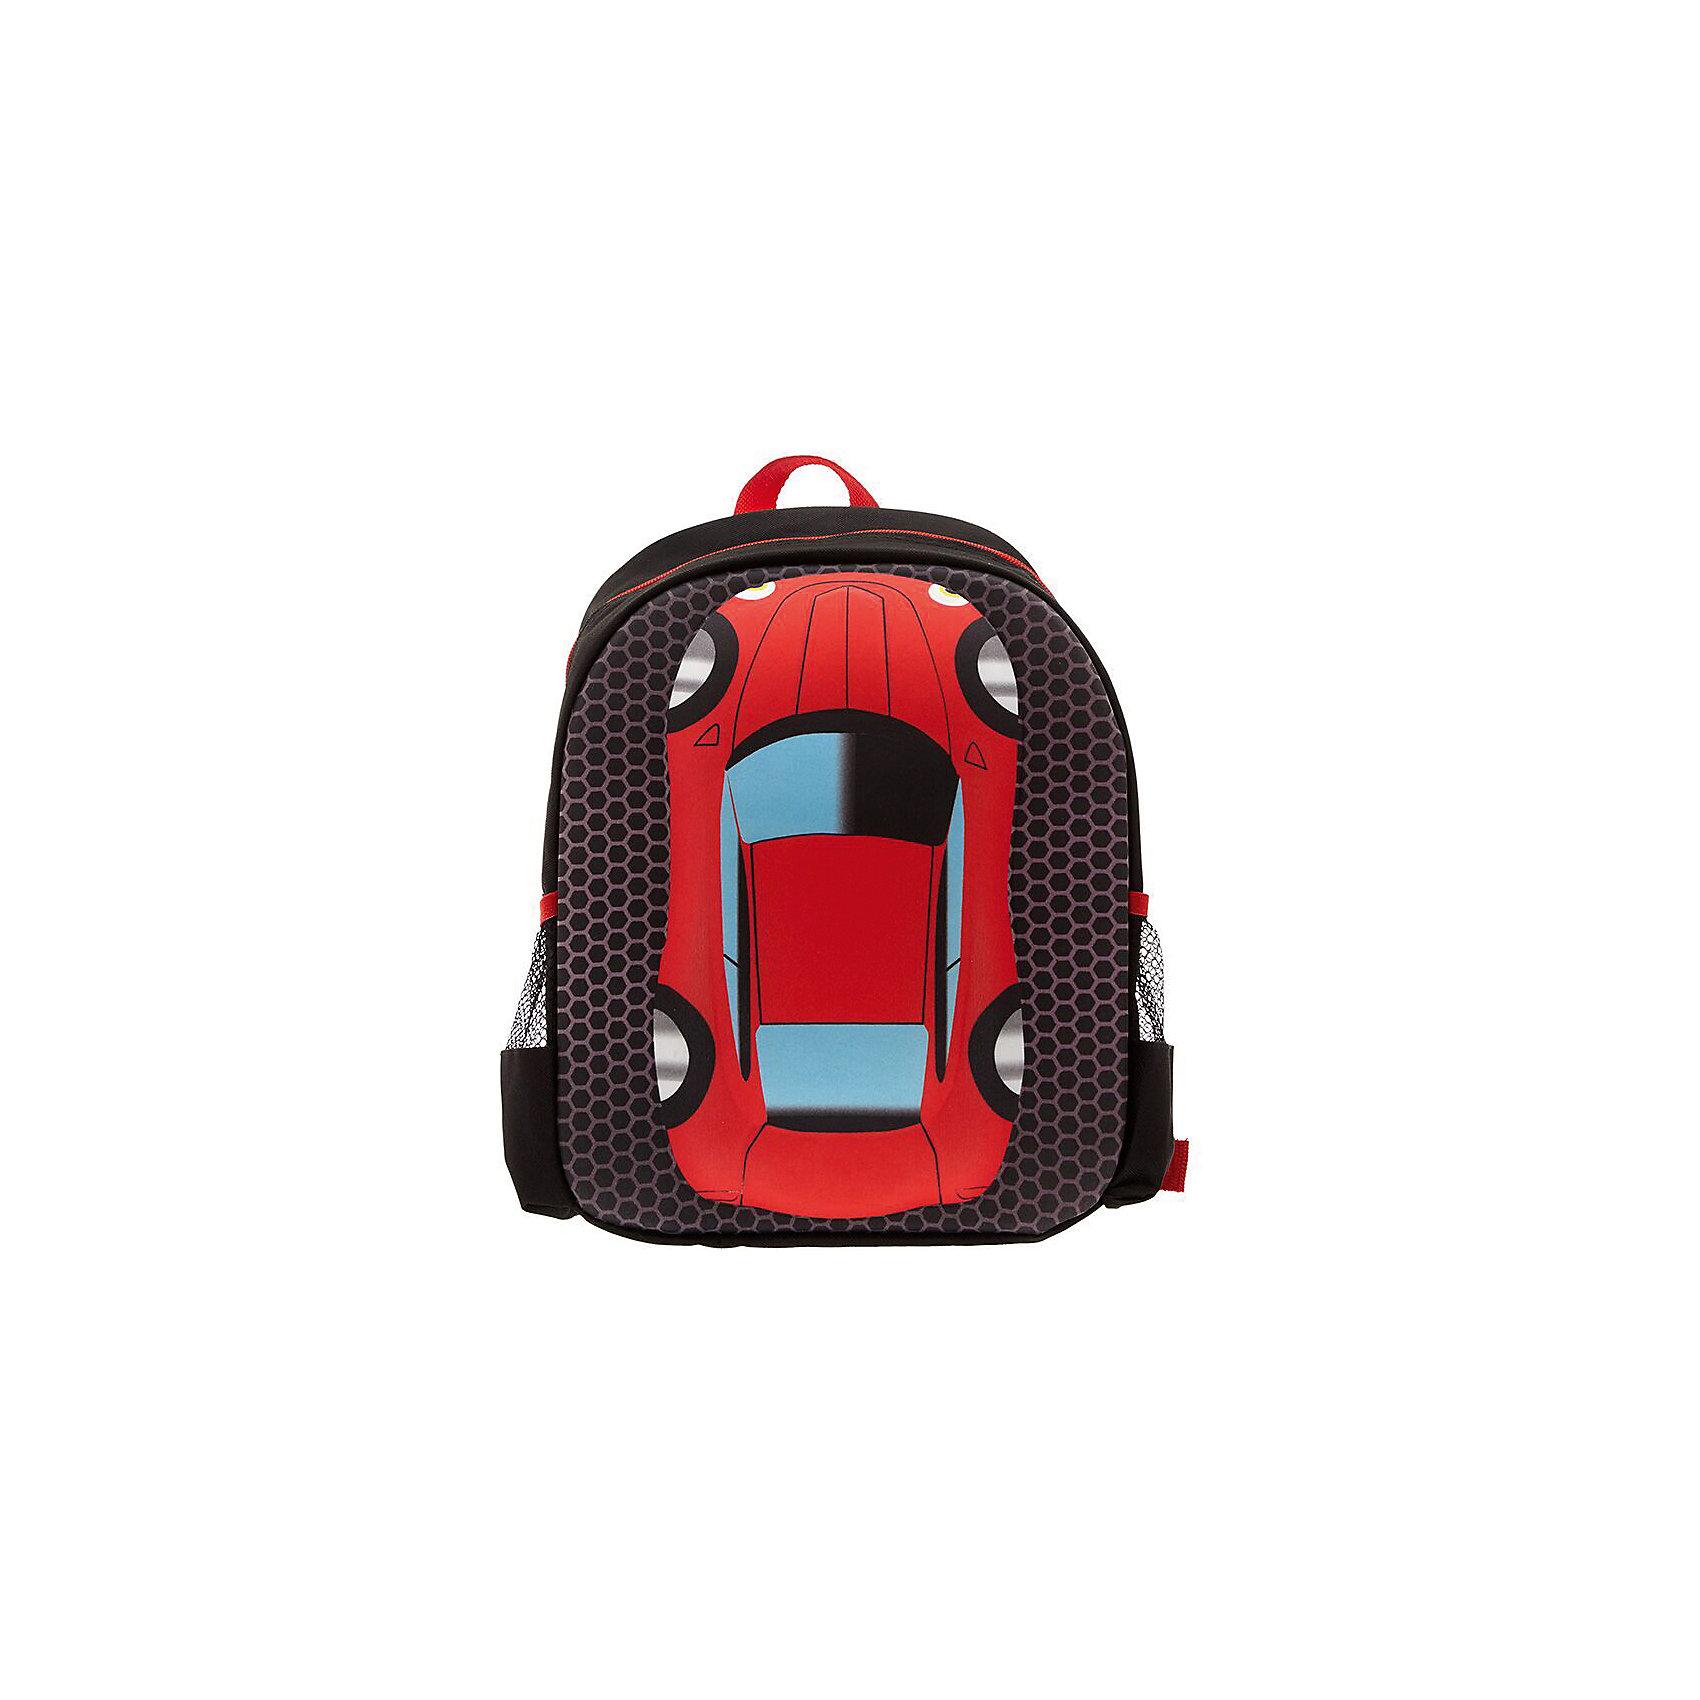 Рюкзак Машина, цвет черный с краснымРюкзаки<br>Вес: 0,3 кг<br>Размер: 36х28х12 см<br>Состав: рюкзак<br>Наличие светоотражающих элементов: нет<br>Материал: полиэстер<br><br>Ширина мм: 360<br>Глубина мм: 280<br>Высота мм: 120<br>Вес г: 300<br>Возраст от месяцев: 60<br>Возраст до месяцев: 72<br>Пол: Унисекс<br>Возраст: Детский<br>SKU: 7054025